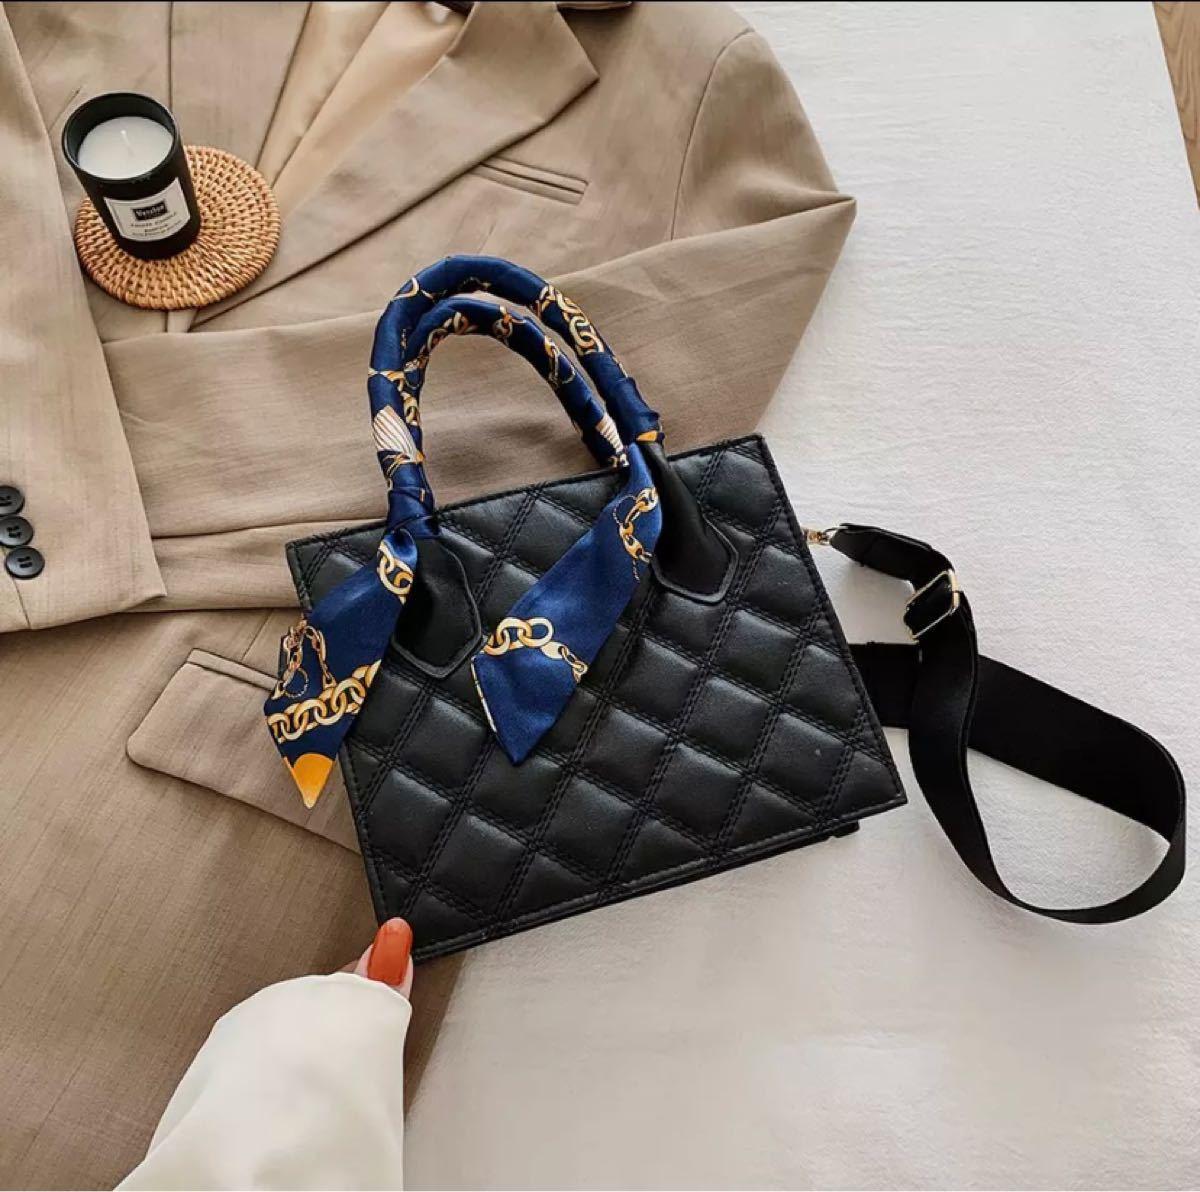 バッグ ショルダーバッグ トートバッグ ハンドバッグ 2way スカーフ おしゃれ 韓国 黒 ブラック ホワイト 白 茶 かわいい